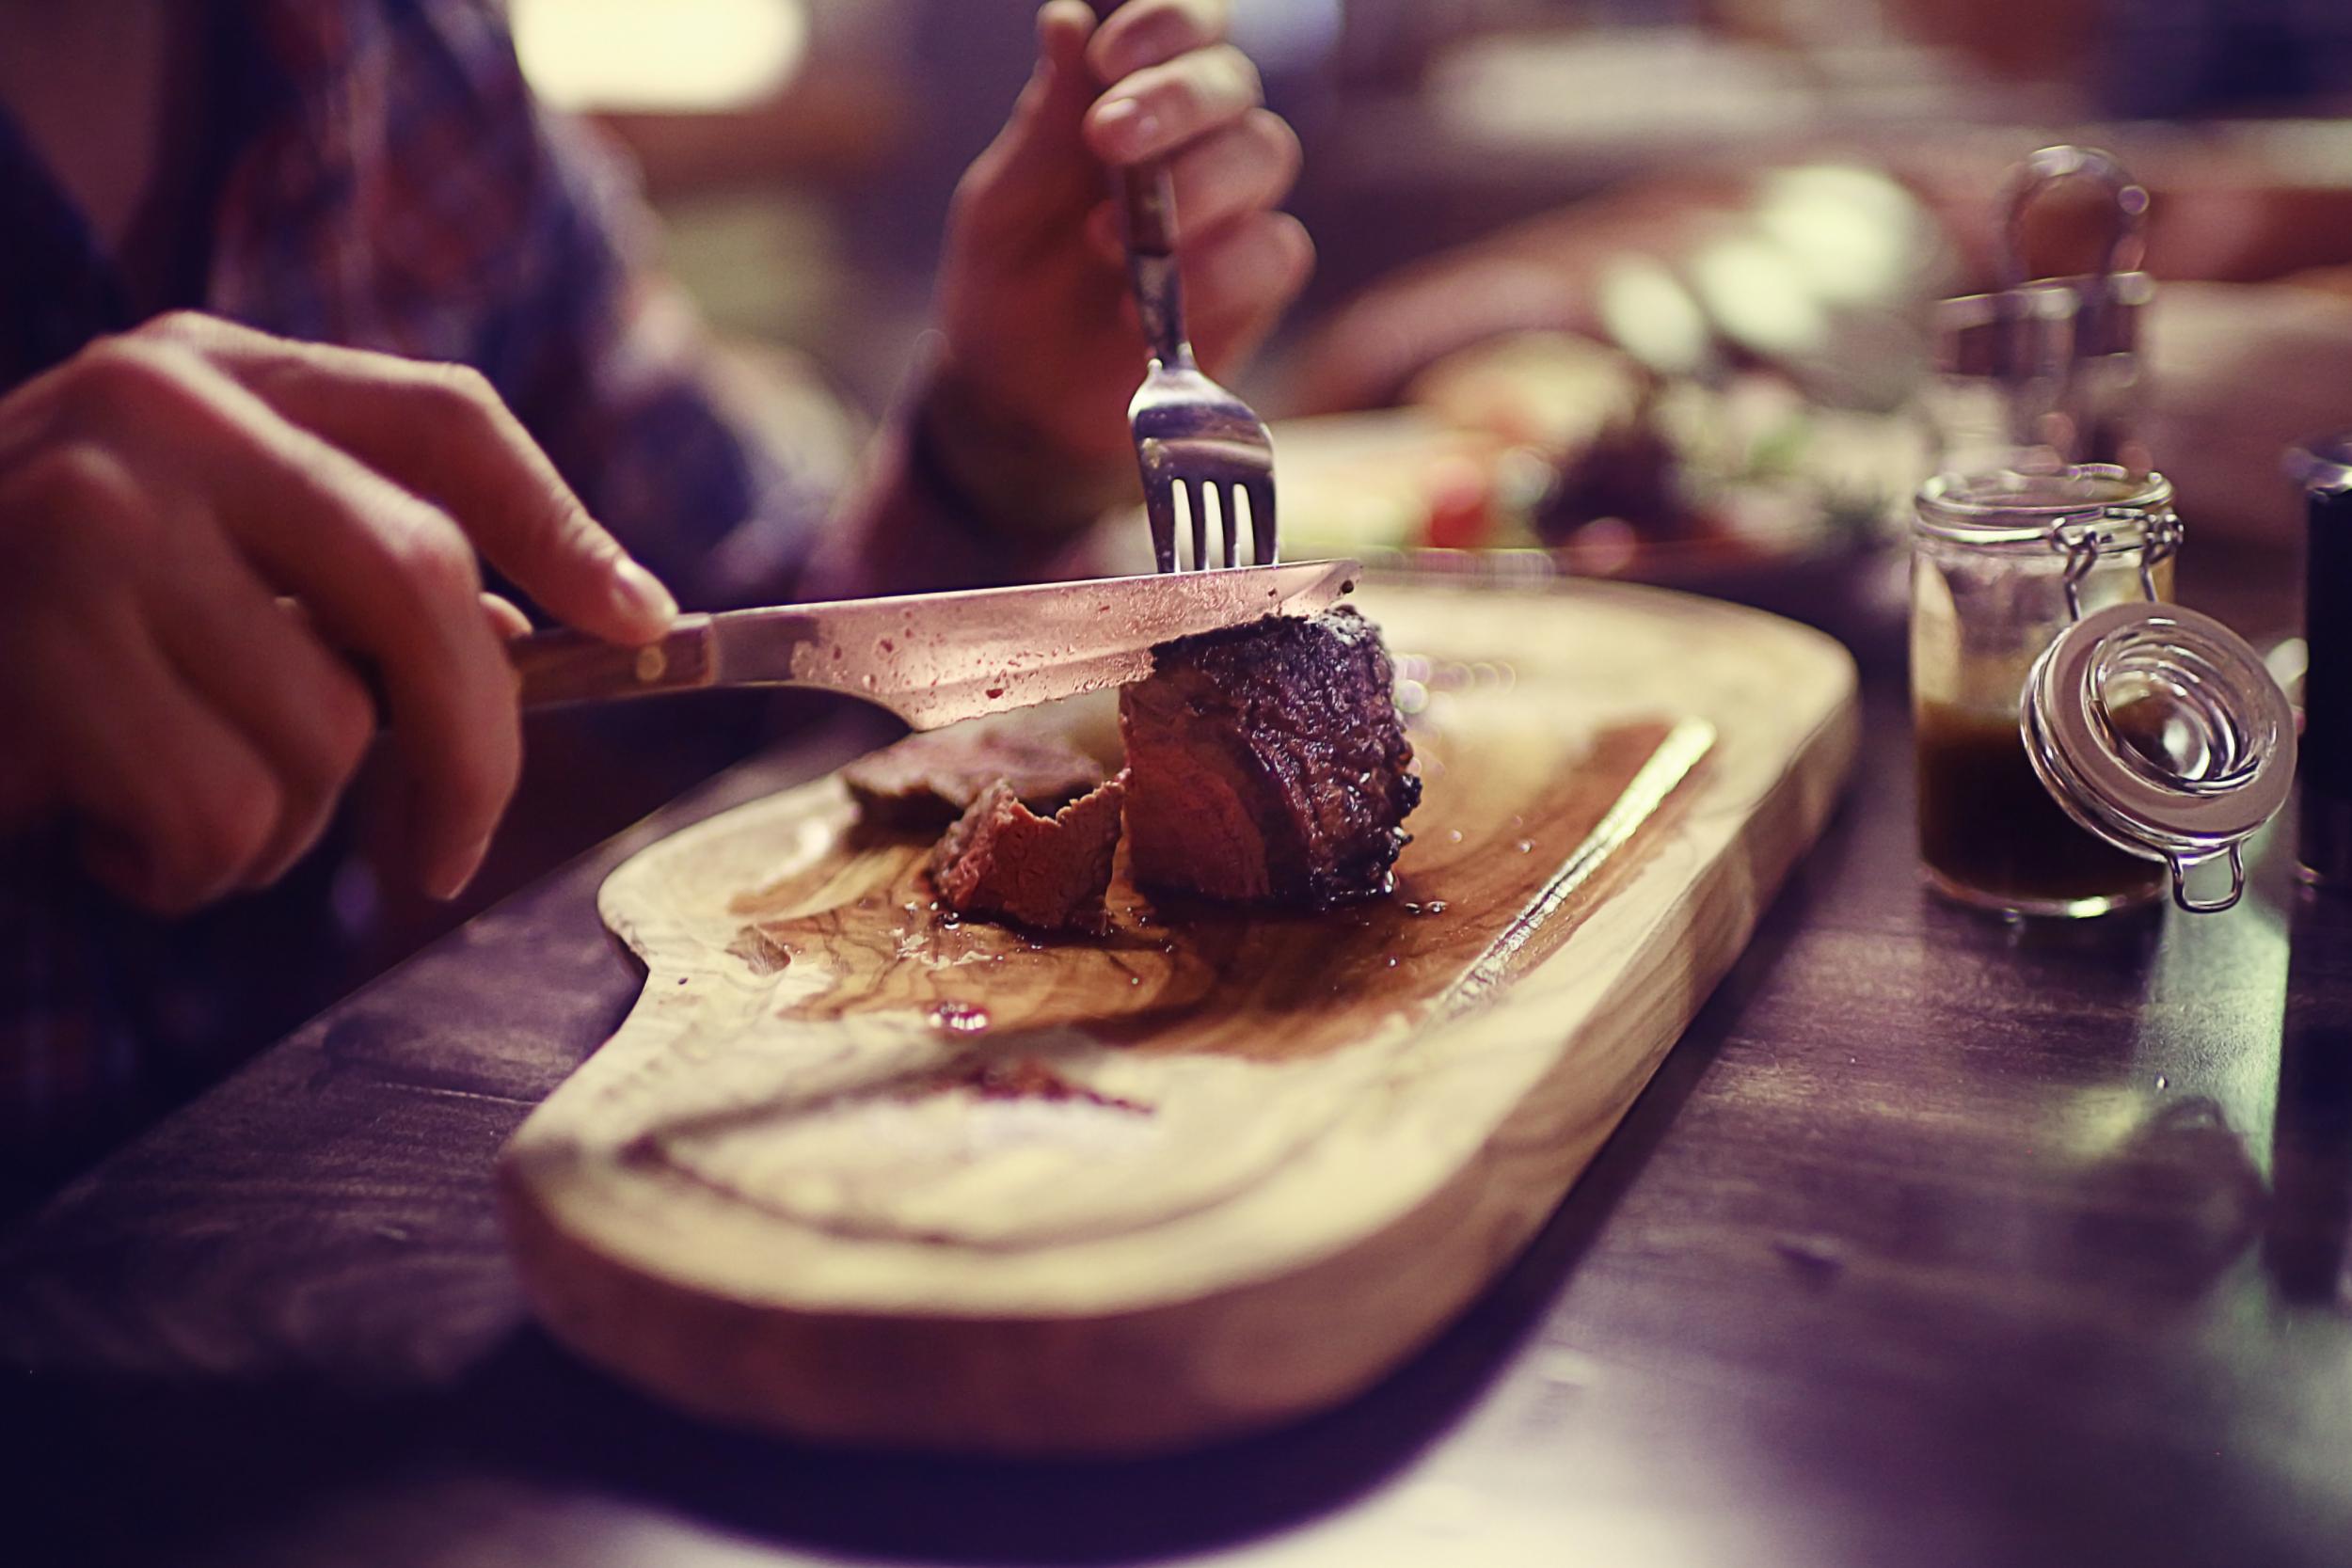 A hand cutting a steak